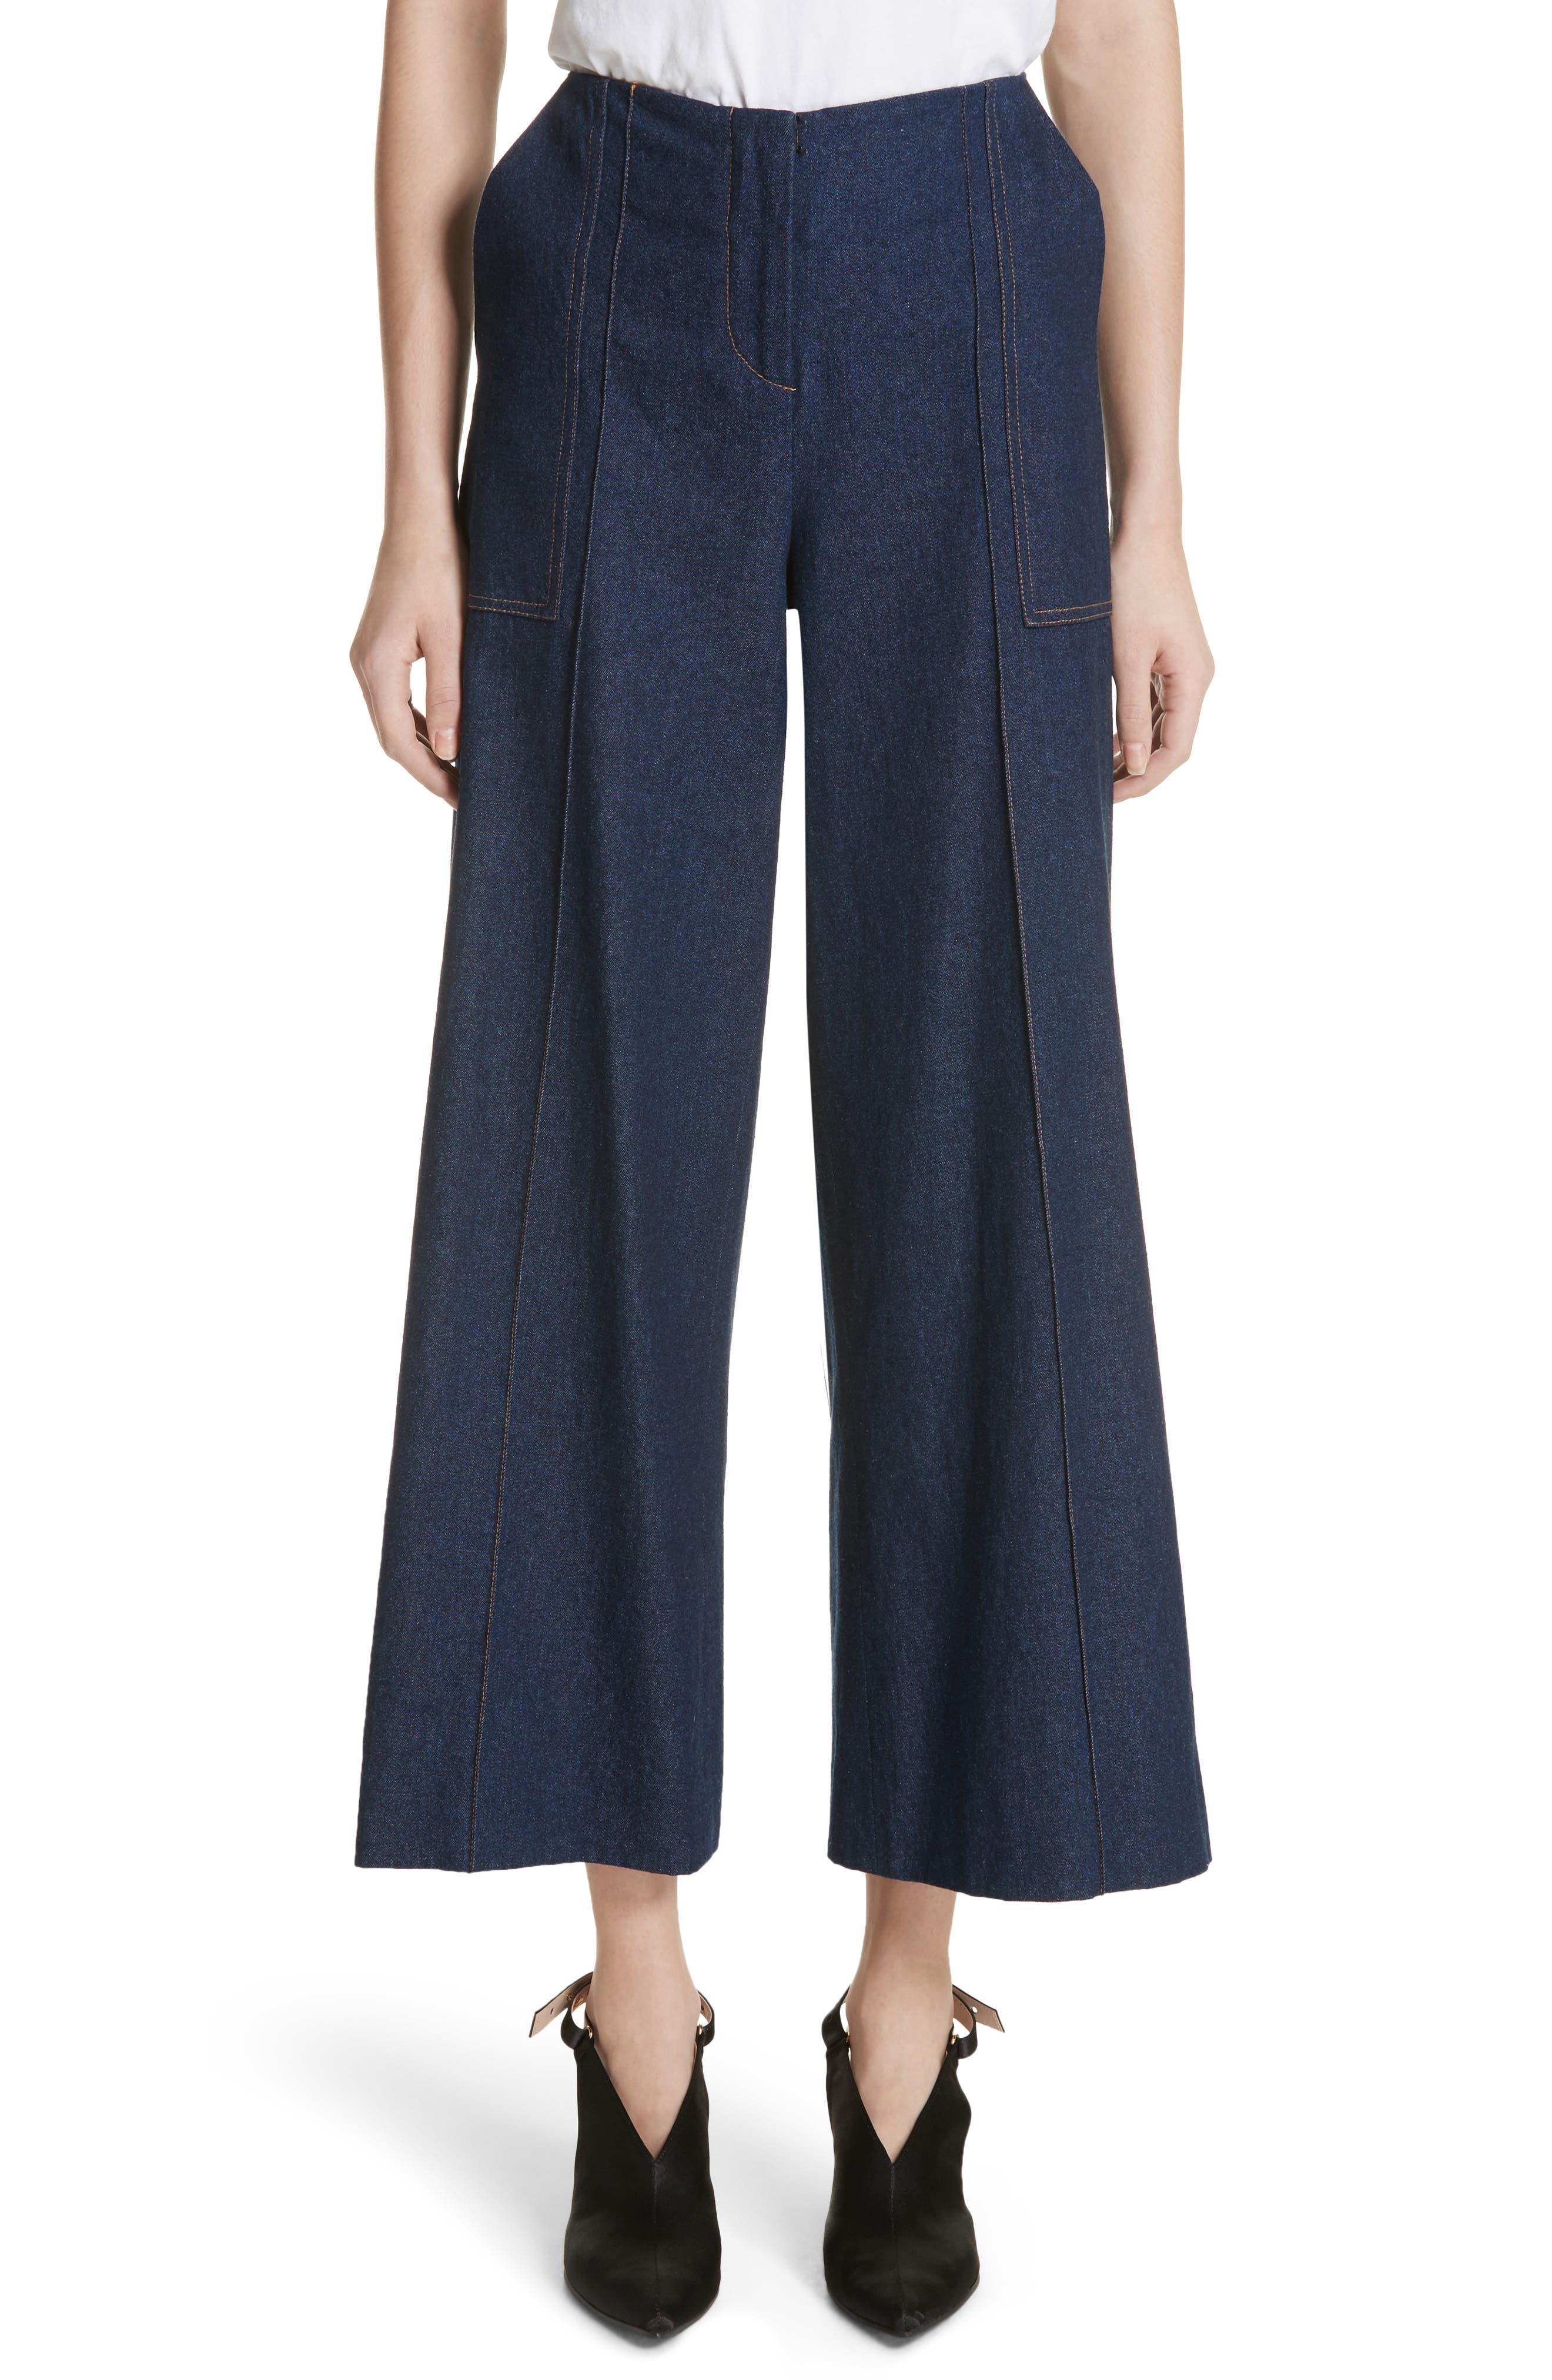 Dune Imitation Pearl Trim Wide Leg Crop Jeans,                         Main,                         color, 400